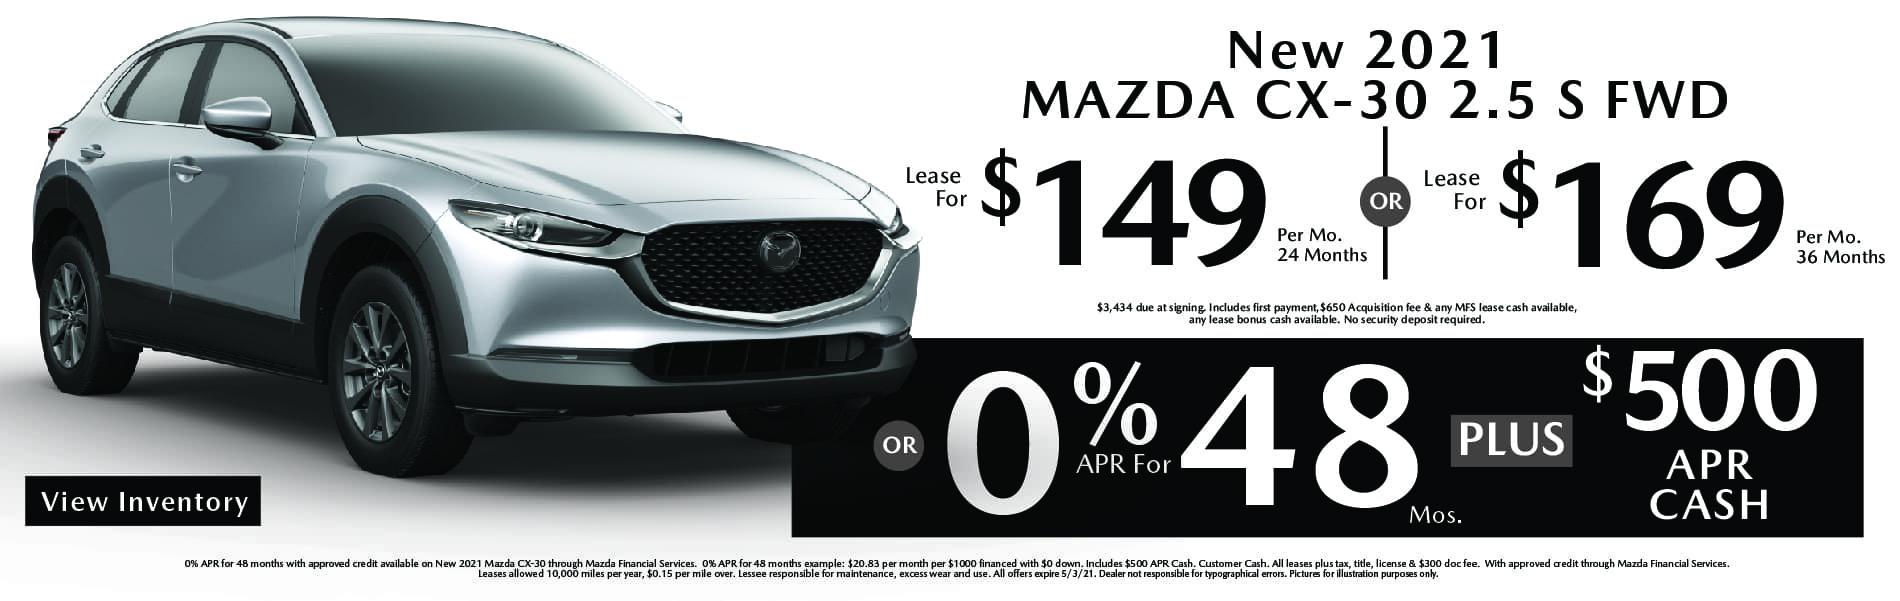 Mazda CX-30 APR & Lease Specials